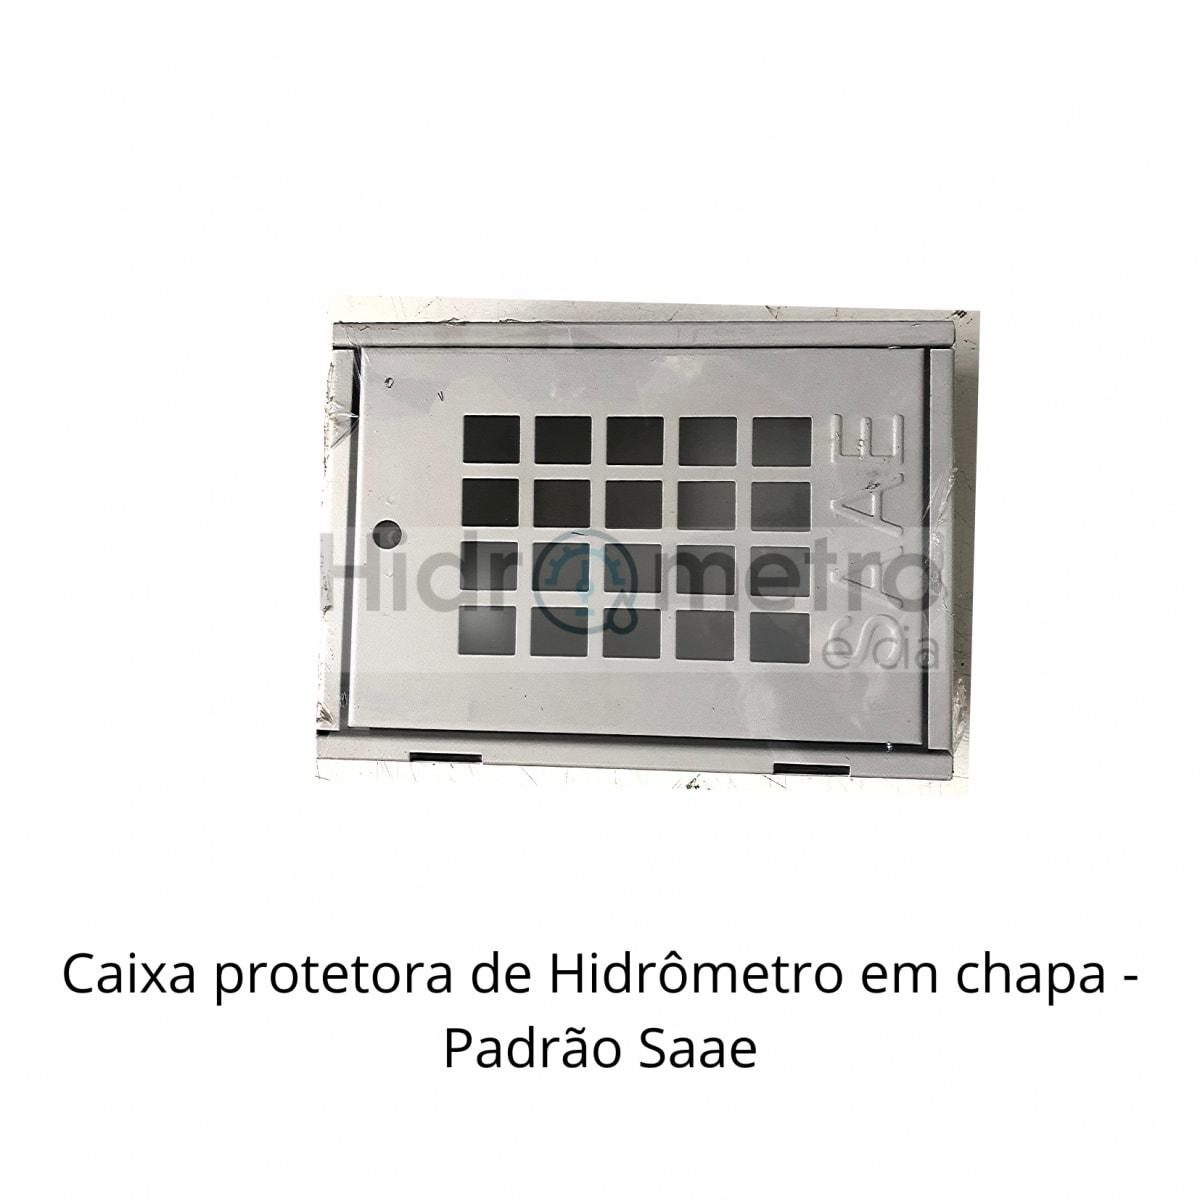 Caixa protetora com grade padrão SAAE - Foto 2